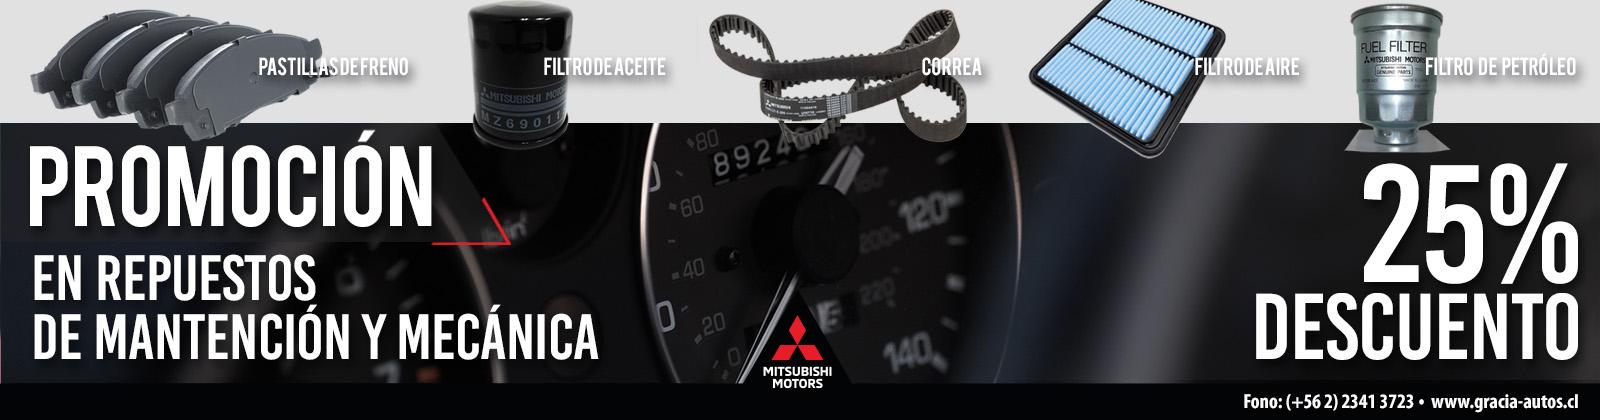 Gracia Autos - Promocion Repuestos